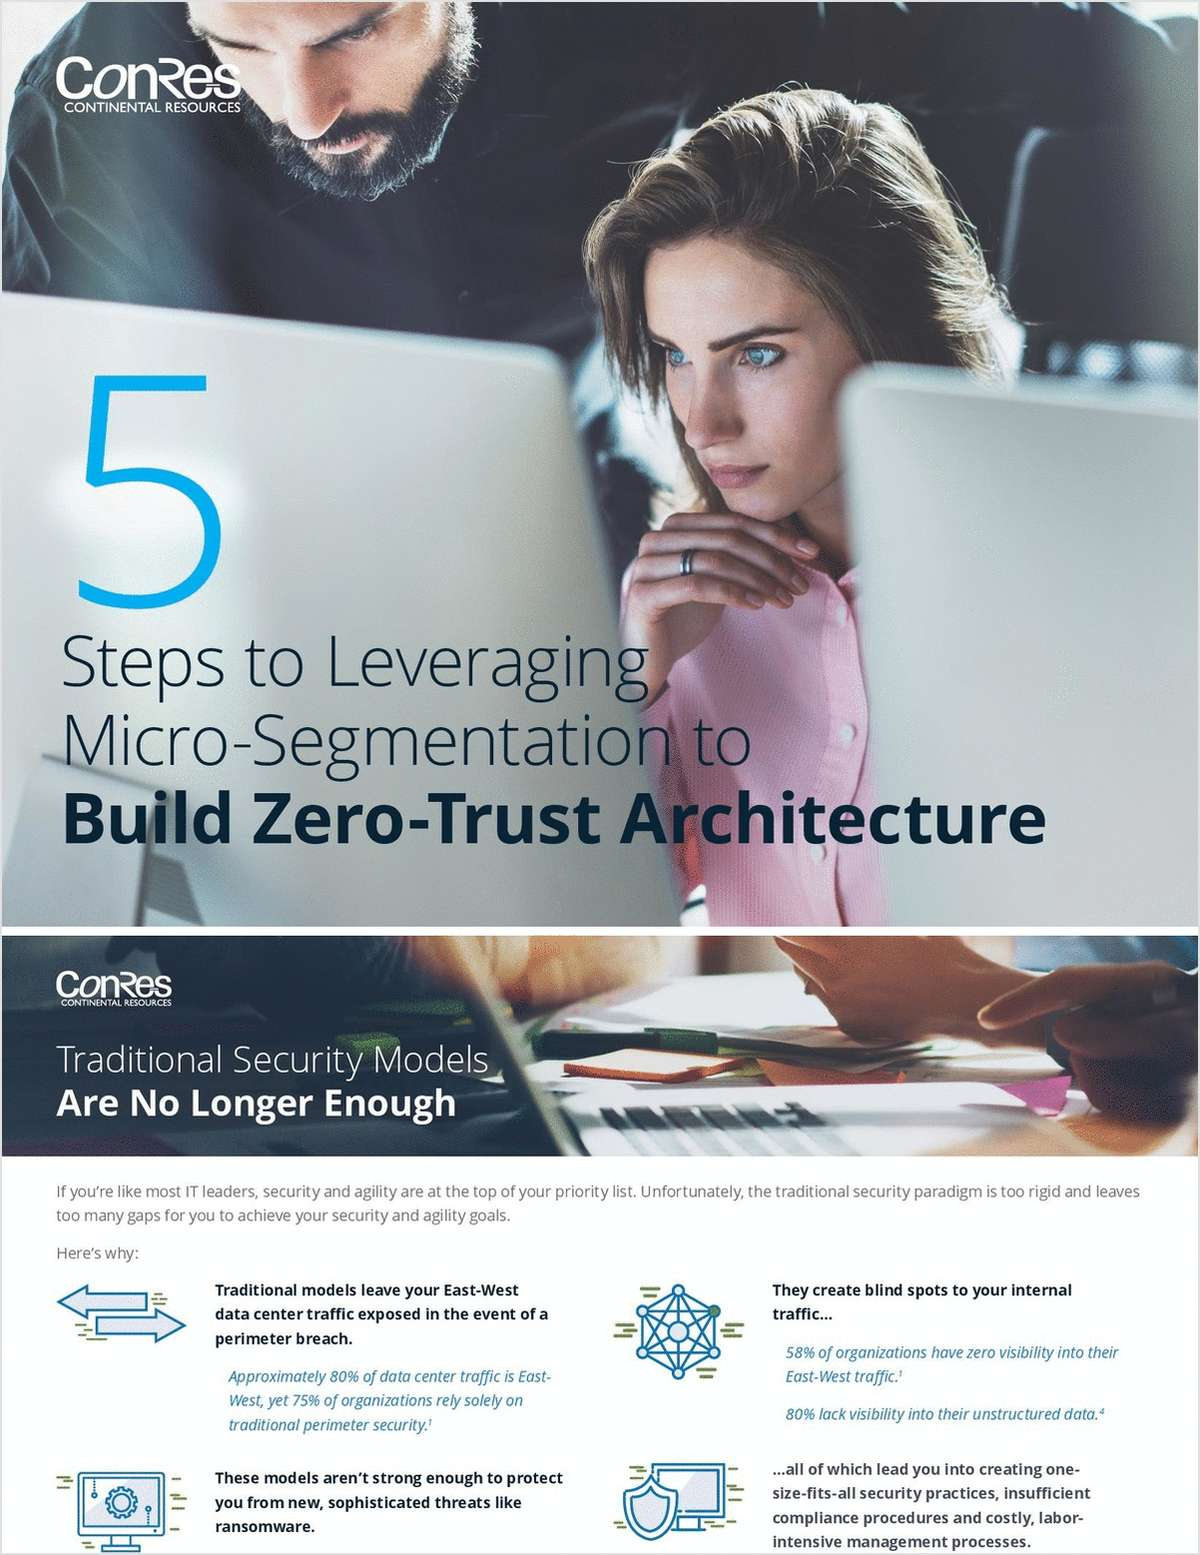 5 Steps to Leveraging Micro-Segmentation to Build Zero-Trust Architecture